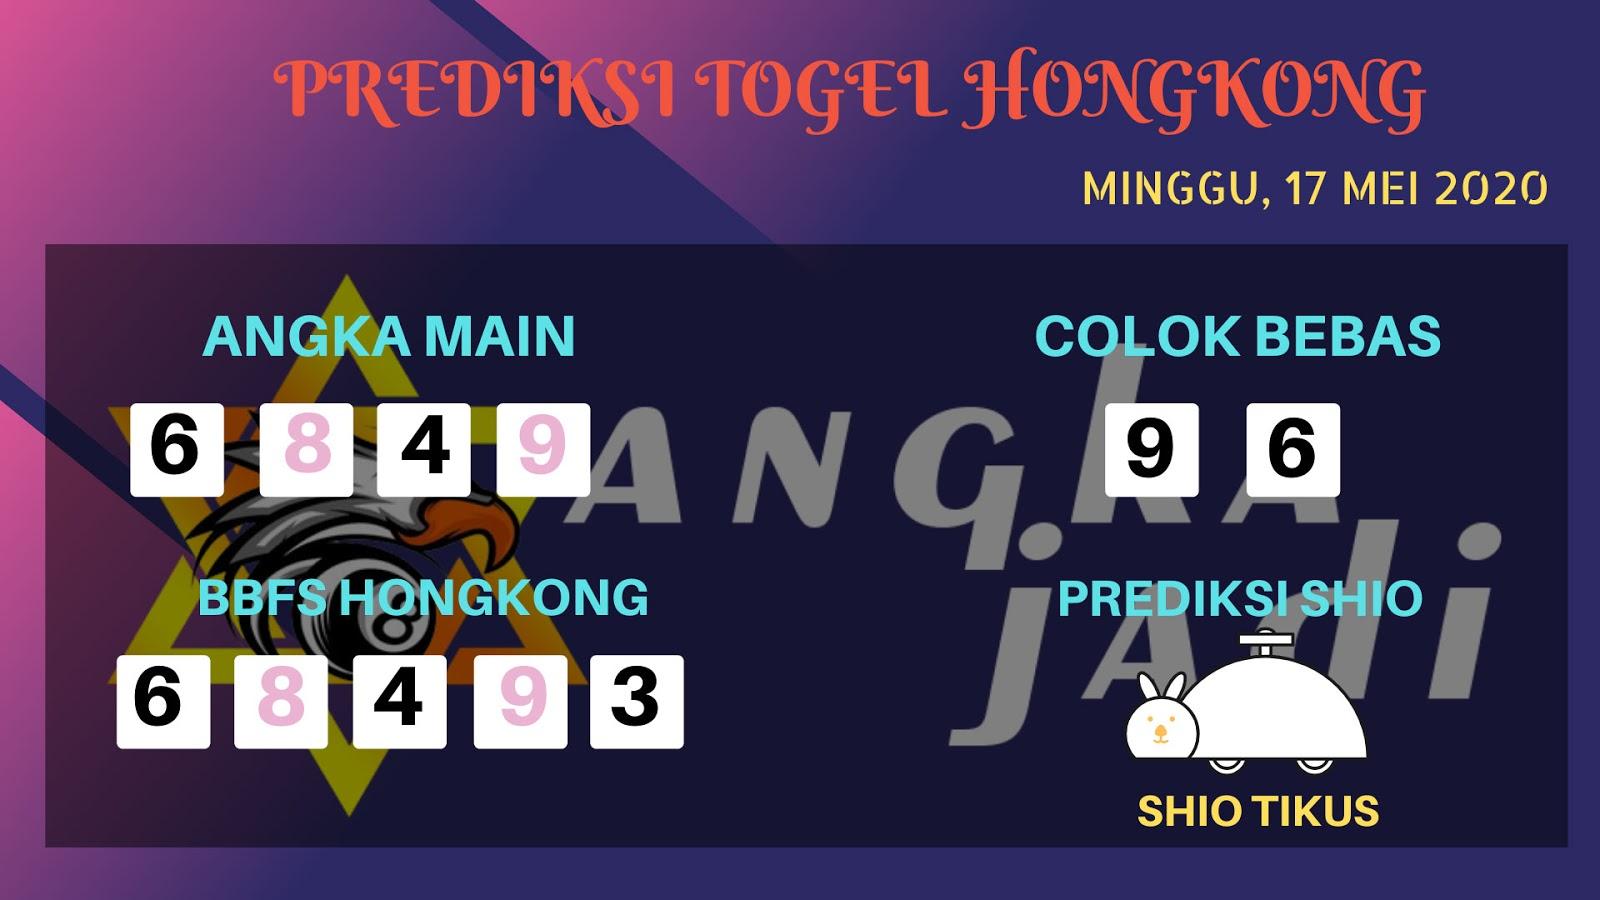 Prediksi Togel Hongkong Minggu 17 Mei 2020 - Bocoran Hongkong